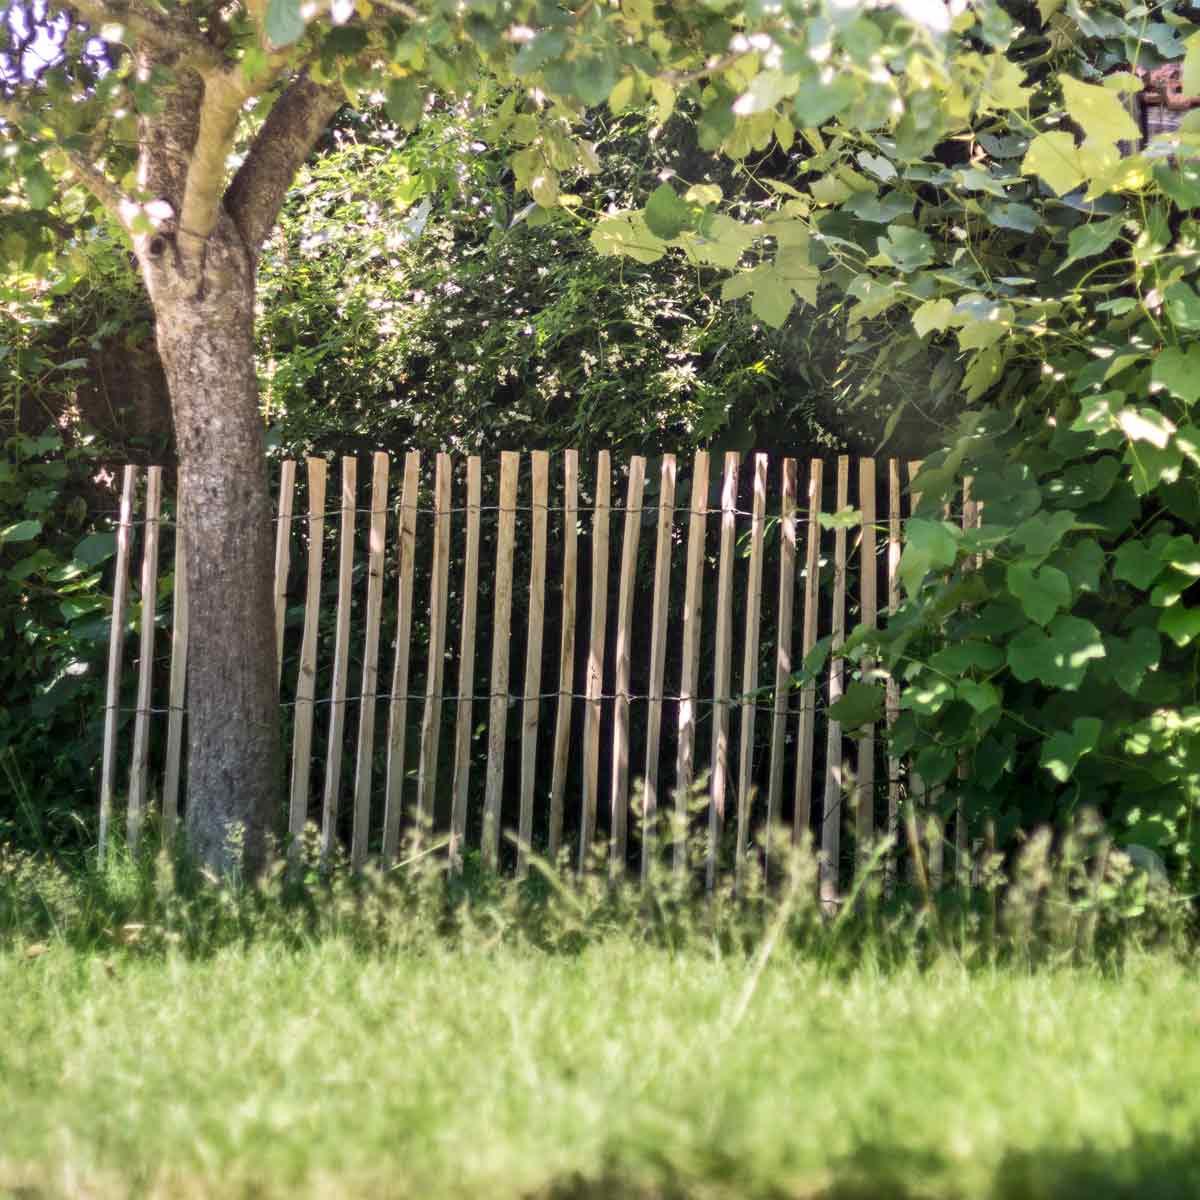 Choisir Et Installer Une Clôture Ou Un Brise-Vue | Jardins ... à Brise Vue De Jardin Pas Cher